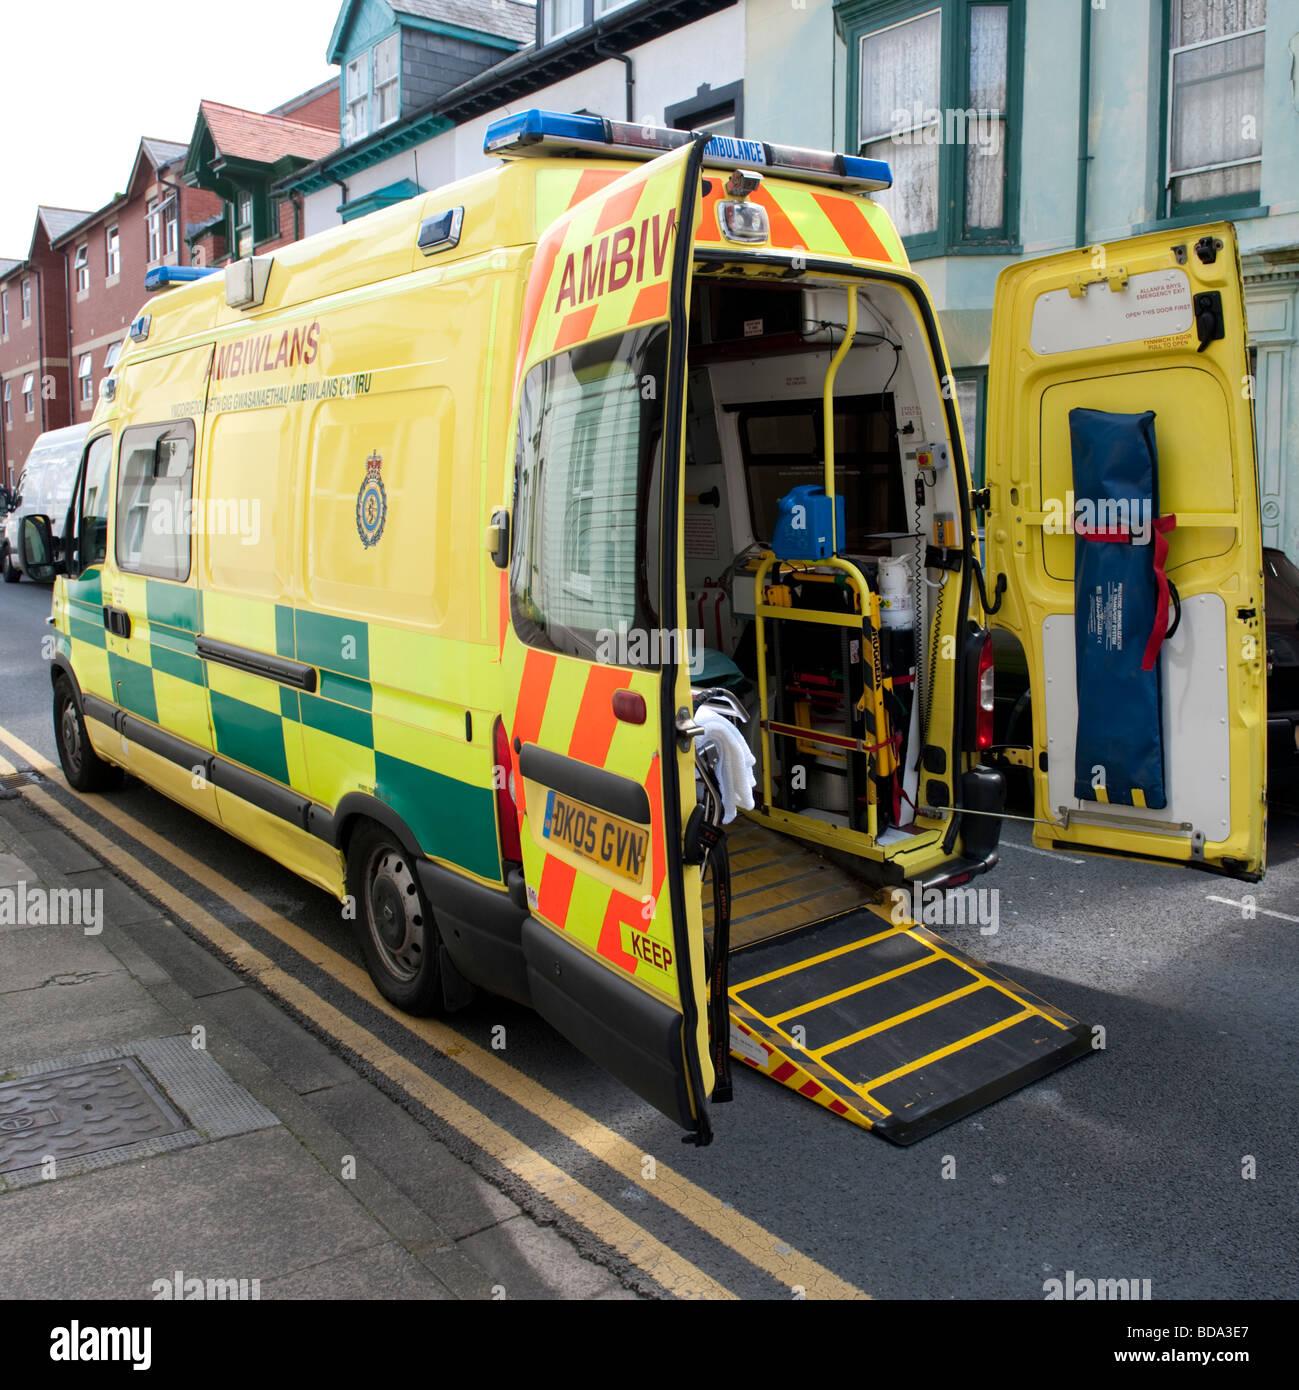 A Welsh ambulance service emergency 999 vehicle, Wales UK - Stock Image